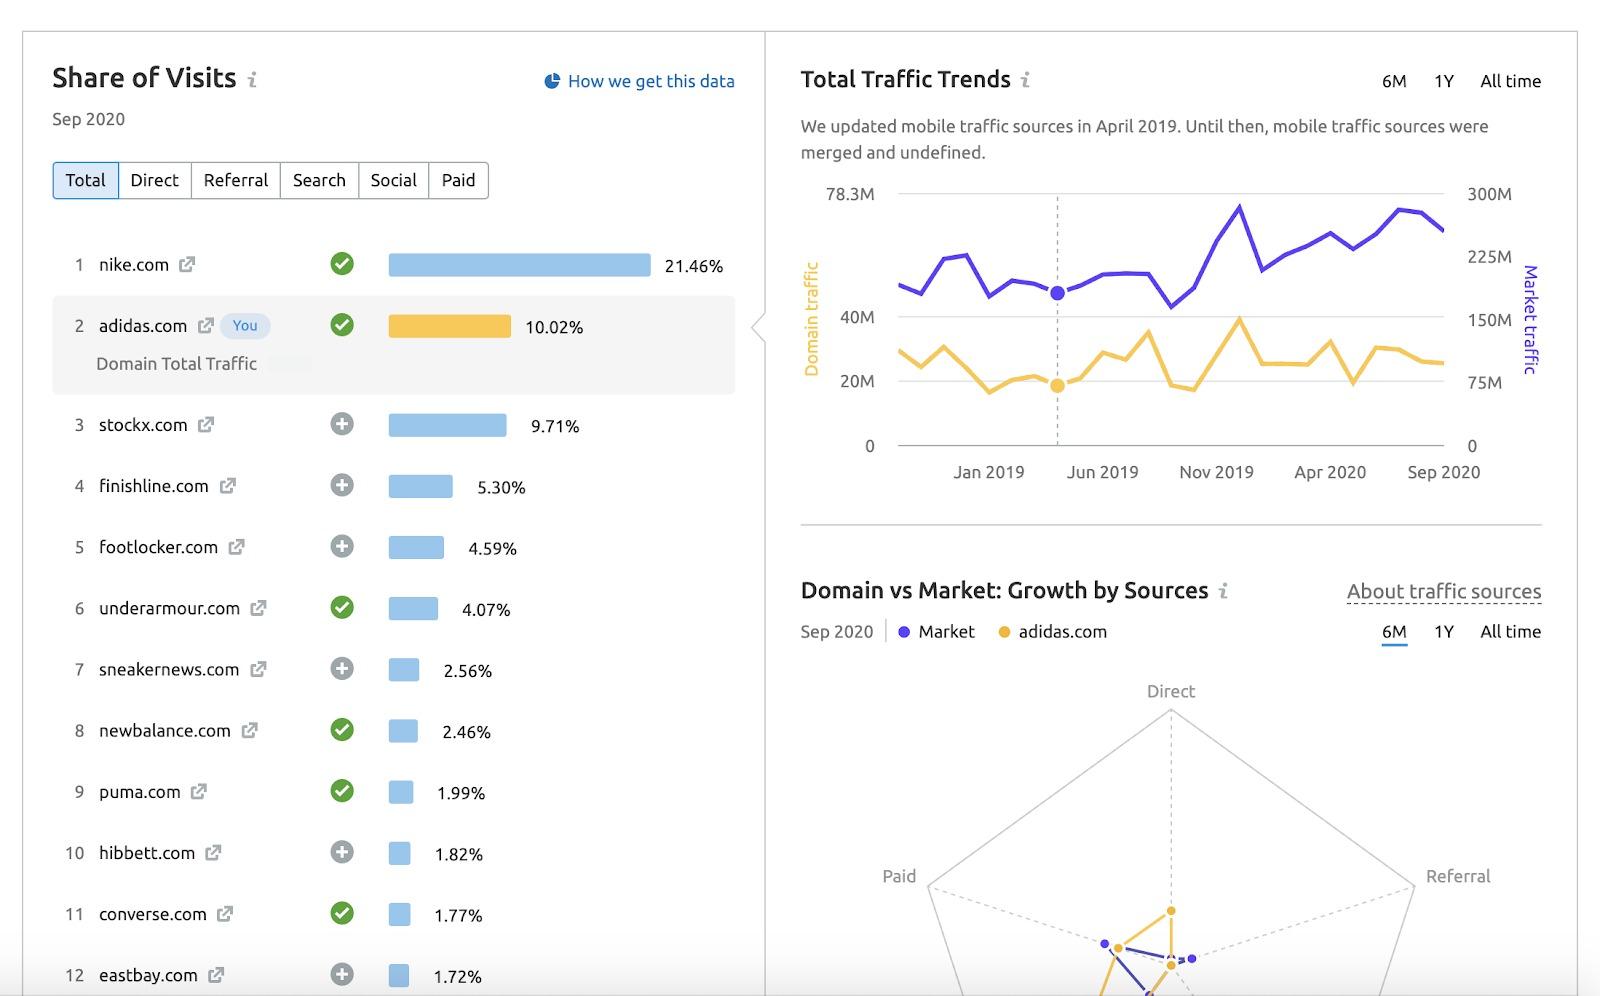 Relatório Visão geral da Market Explorer image 3